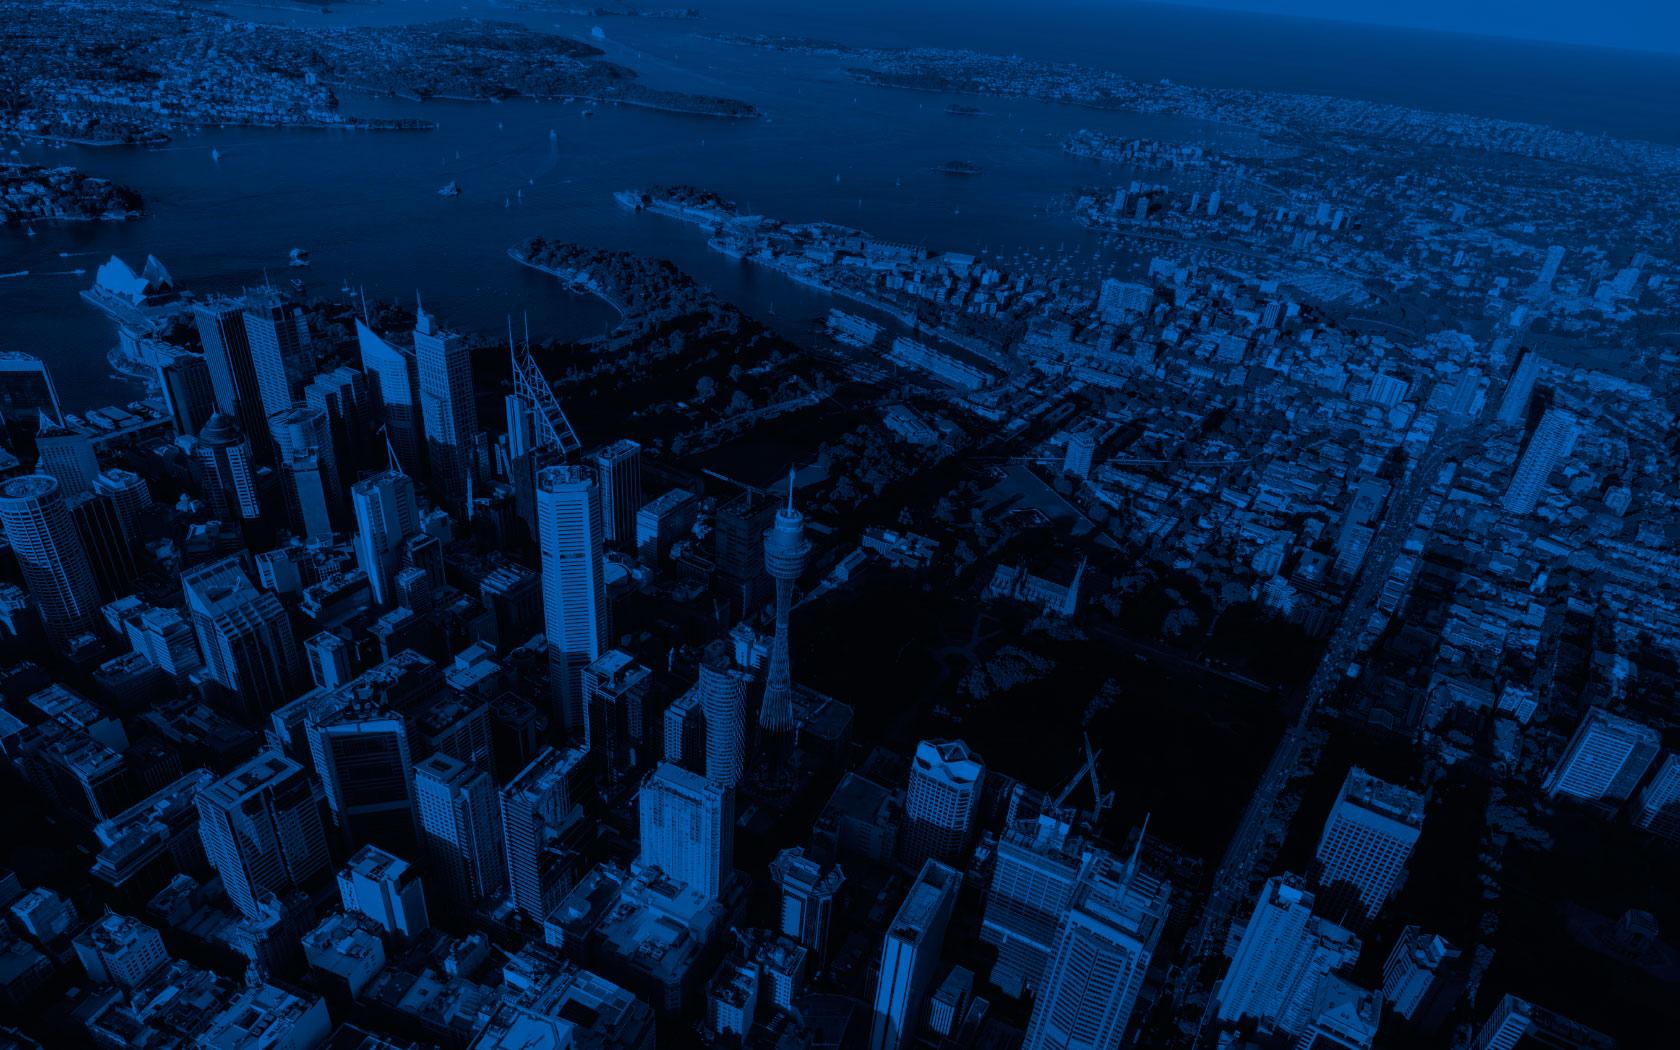 Background Property Developments : Citystate